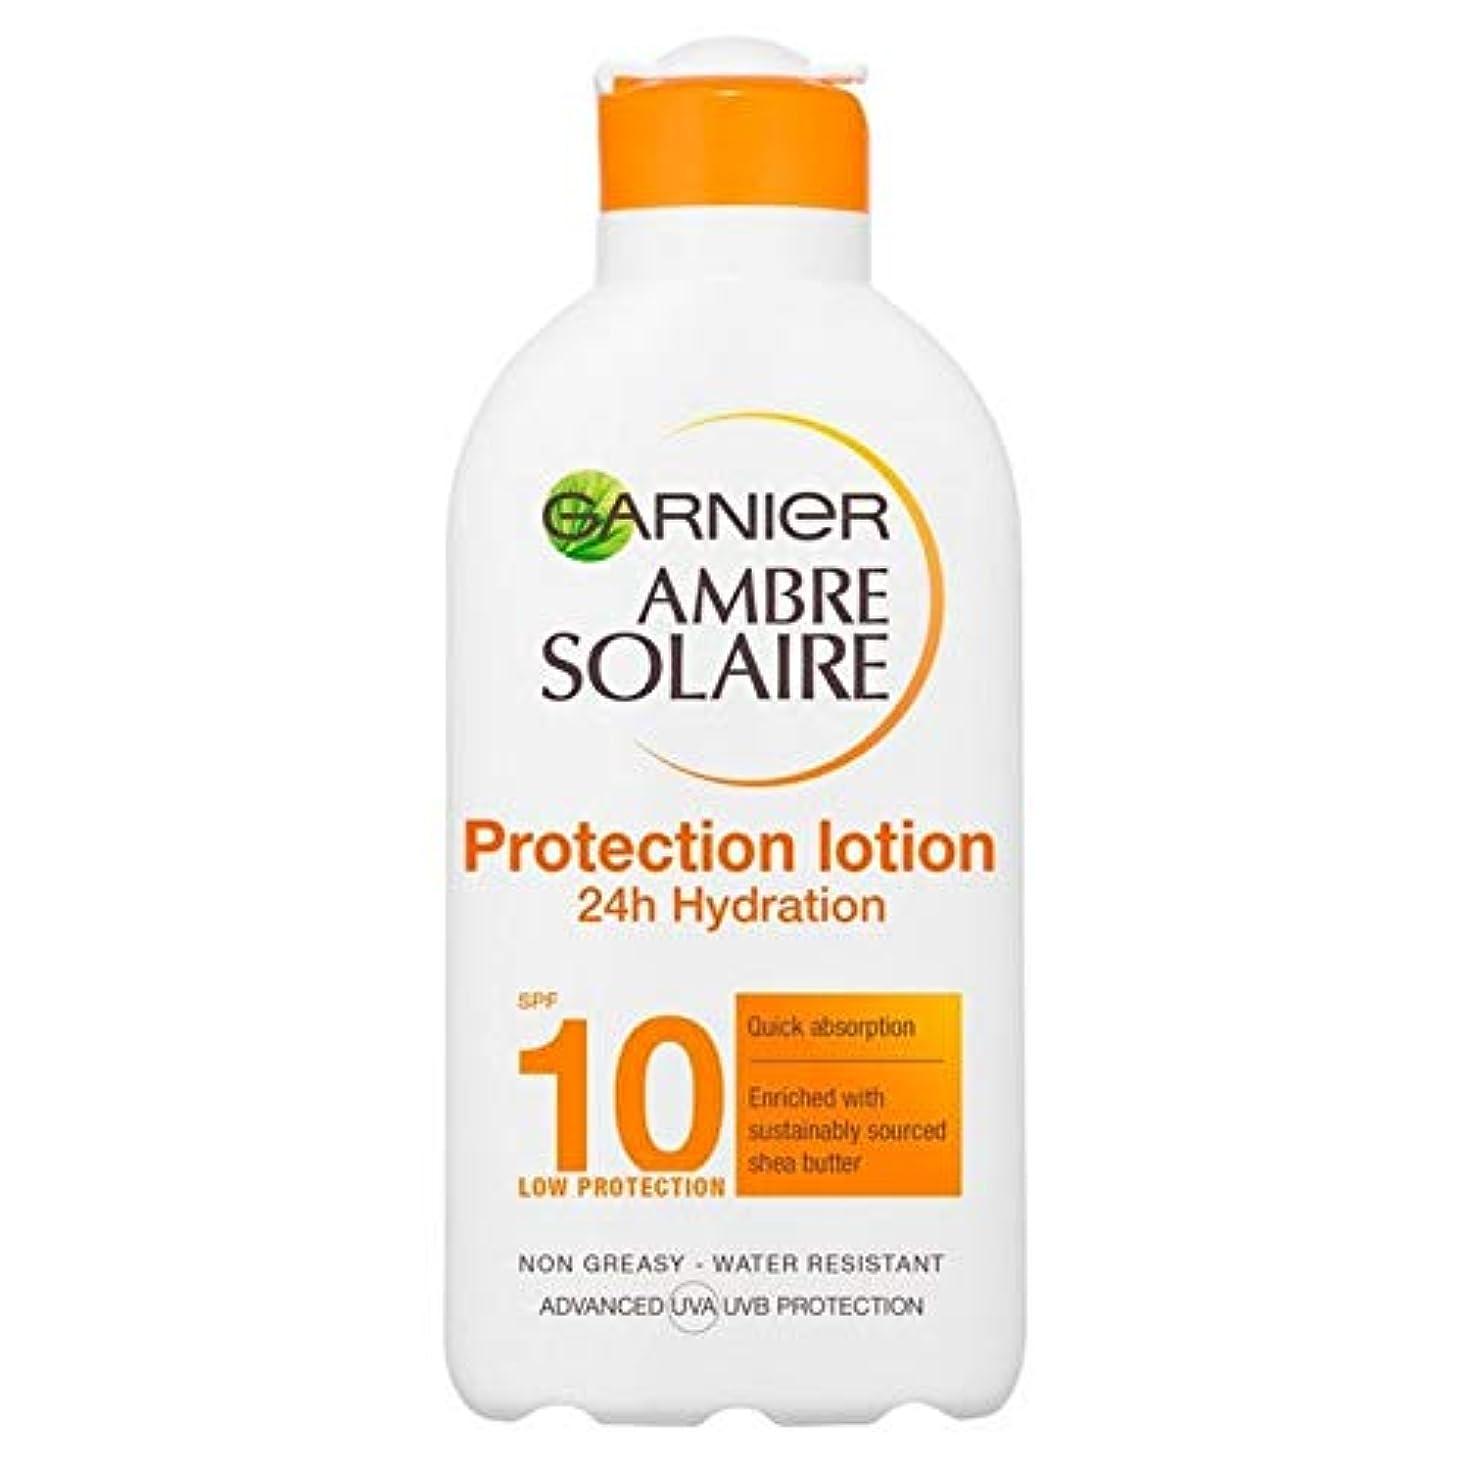 アソシエイト魅力的毒液[Garnier ] アンブレSolaire超水和日クリームSpf10の200ミリリットル - Ambre Solaire Ultra-hydrating Sun Cream SPF10 200ml [並行輸入品]